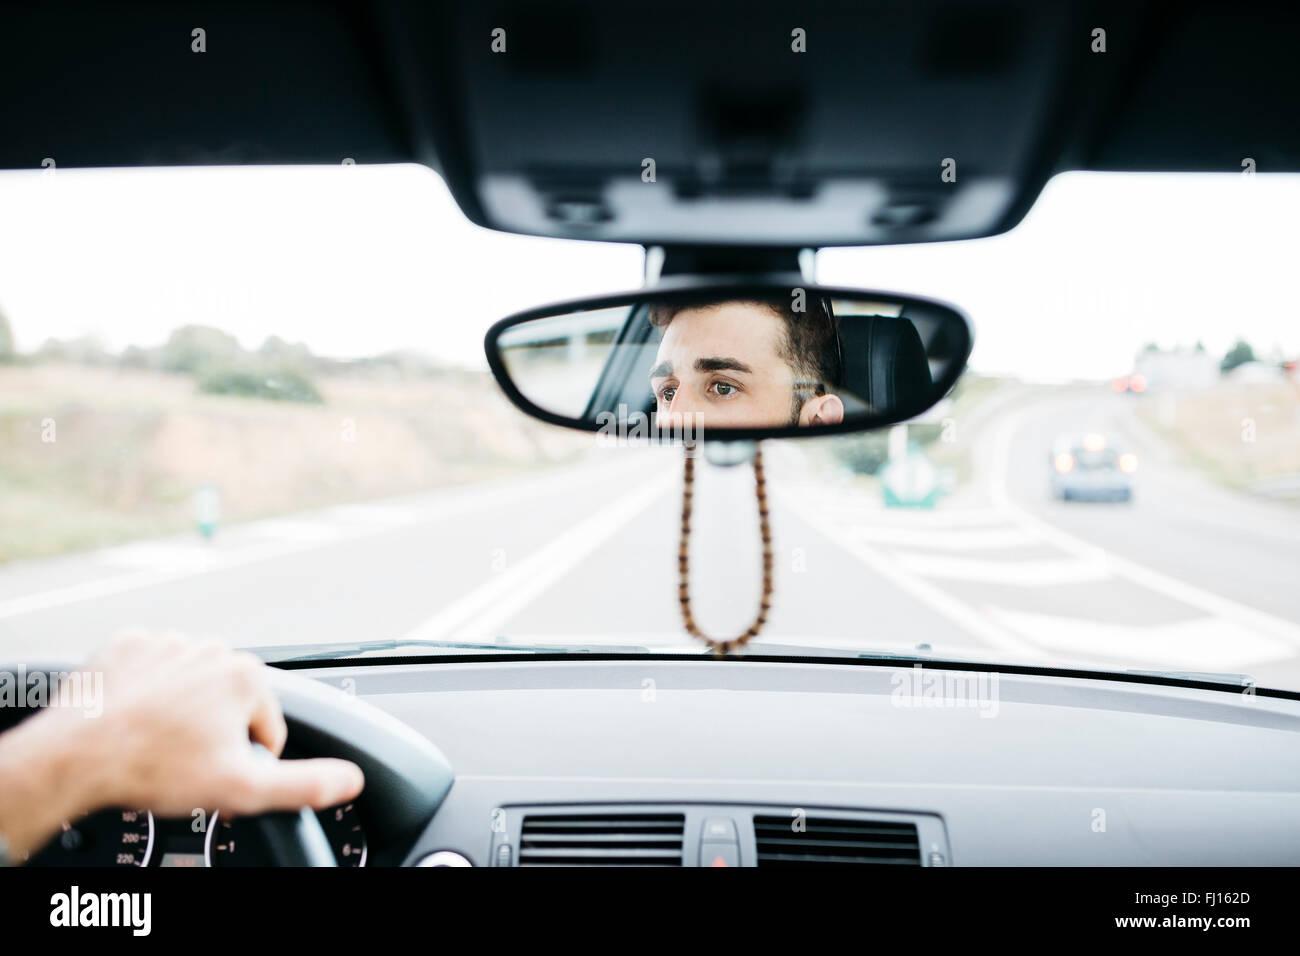 Giovane uomo alla guida di una vettura, close up di specchio posteriore Immagini Stock